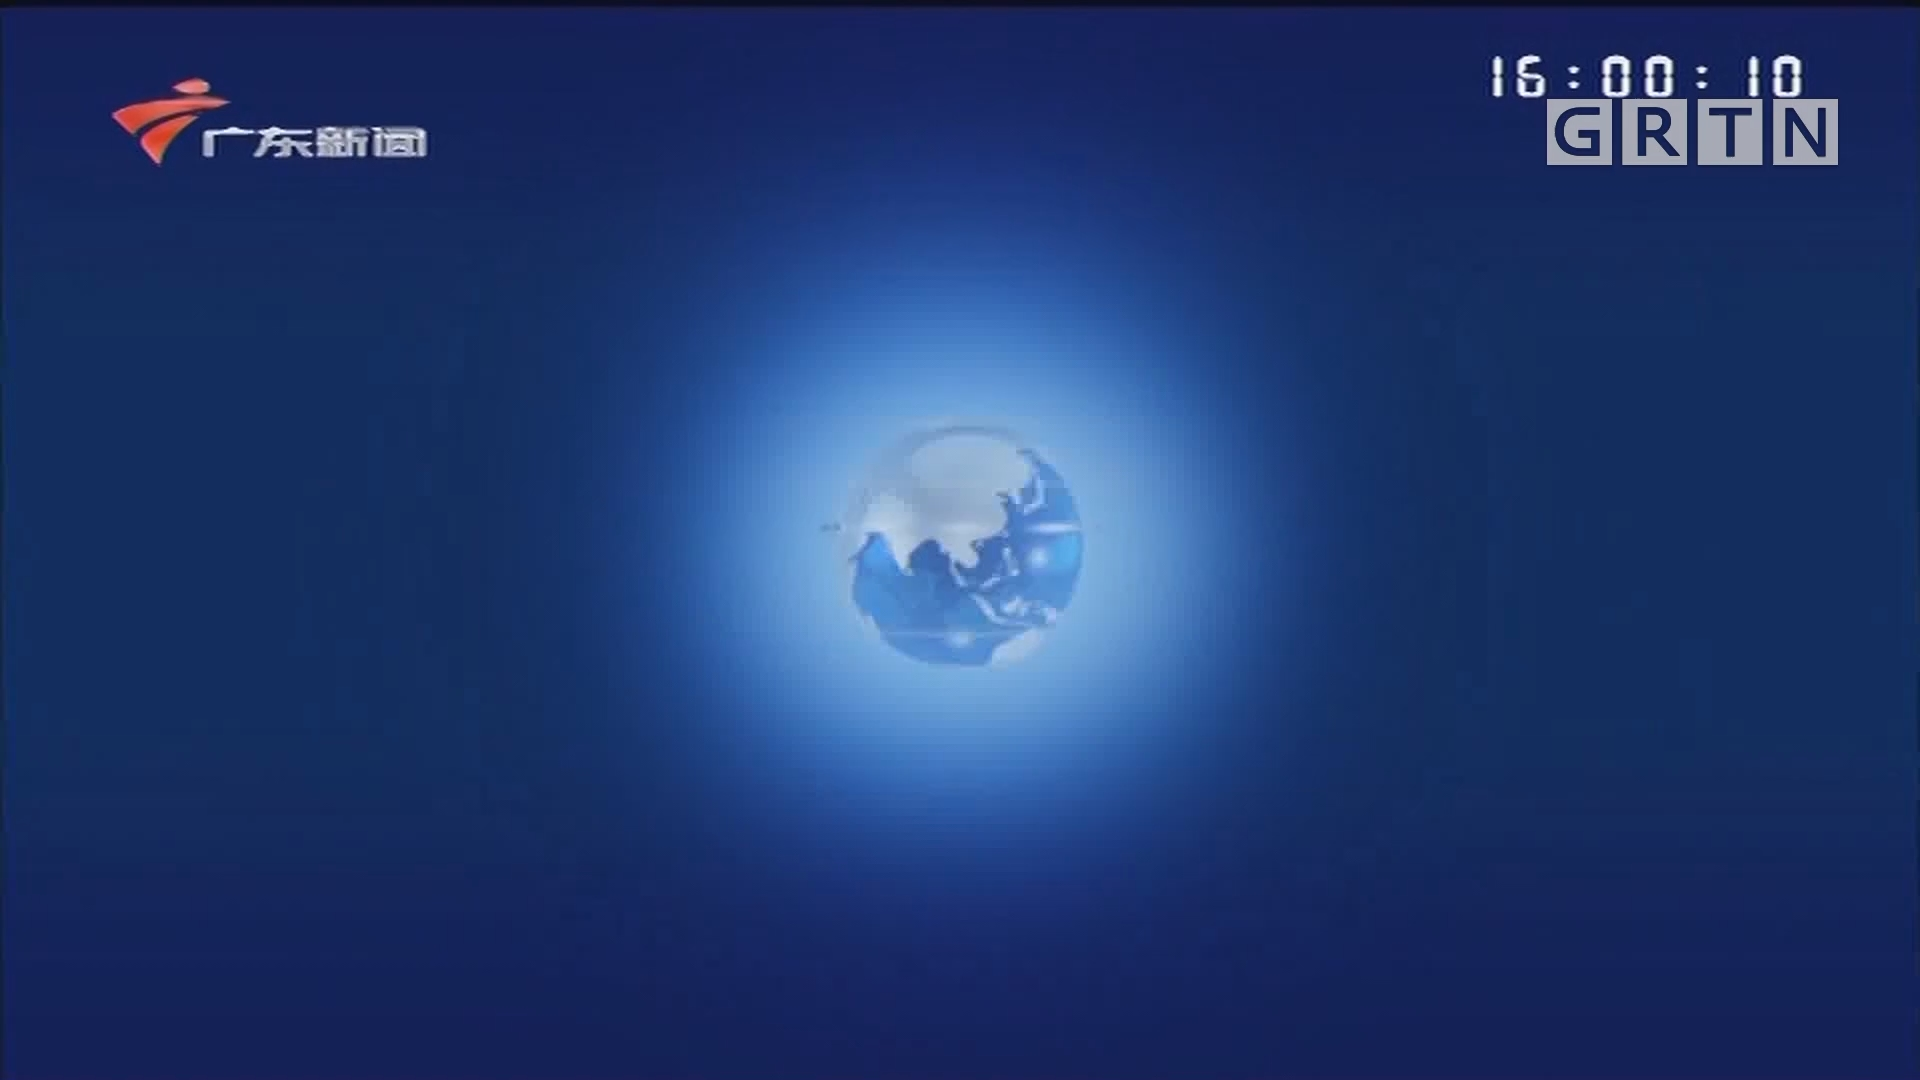 [HD][2020-02-05-16:00]正点播报:深圳龙华 防疫排查用上AI系统 即时监测健康信息